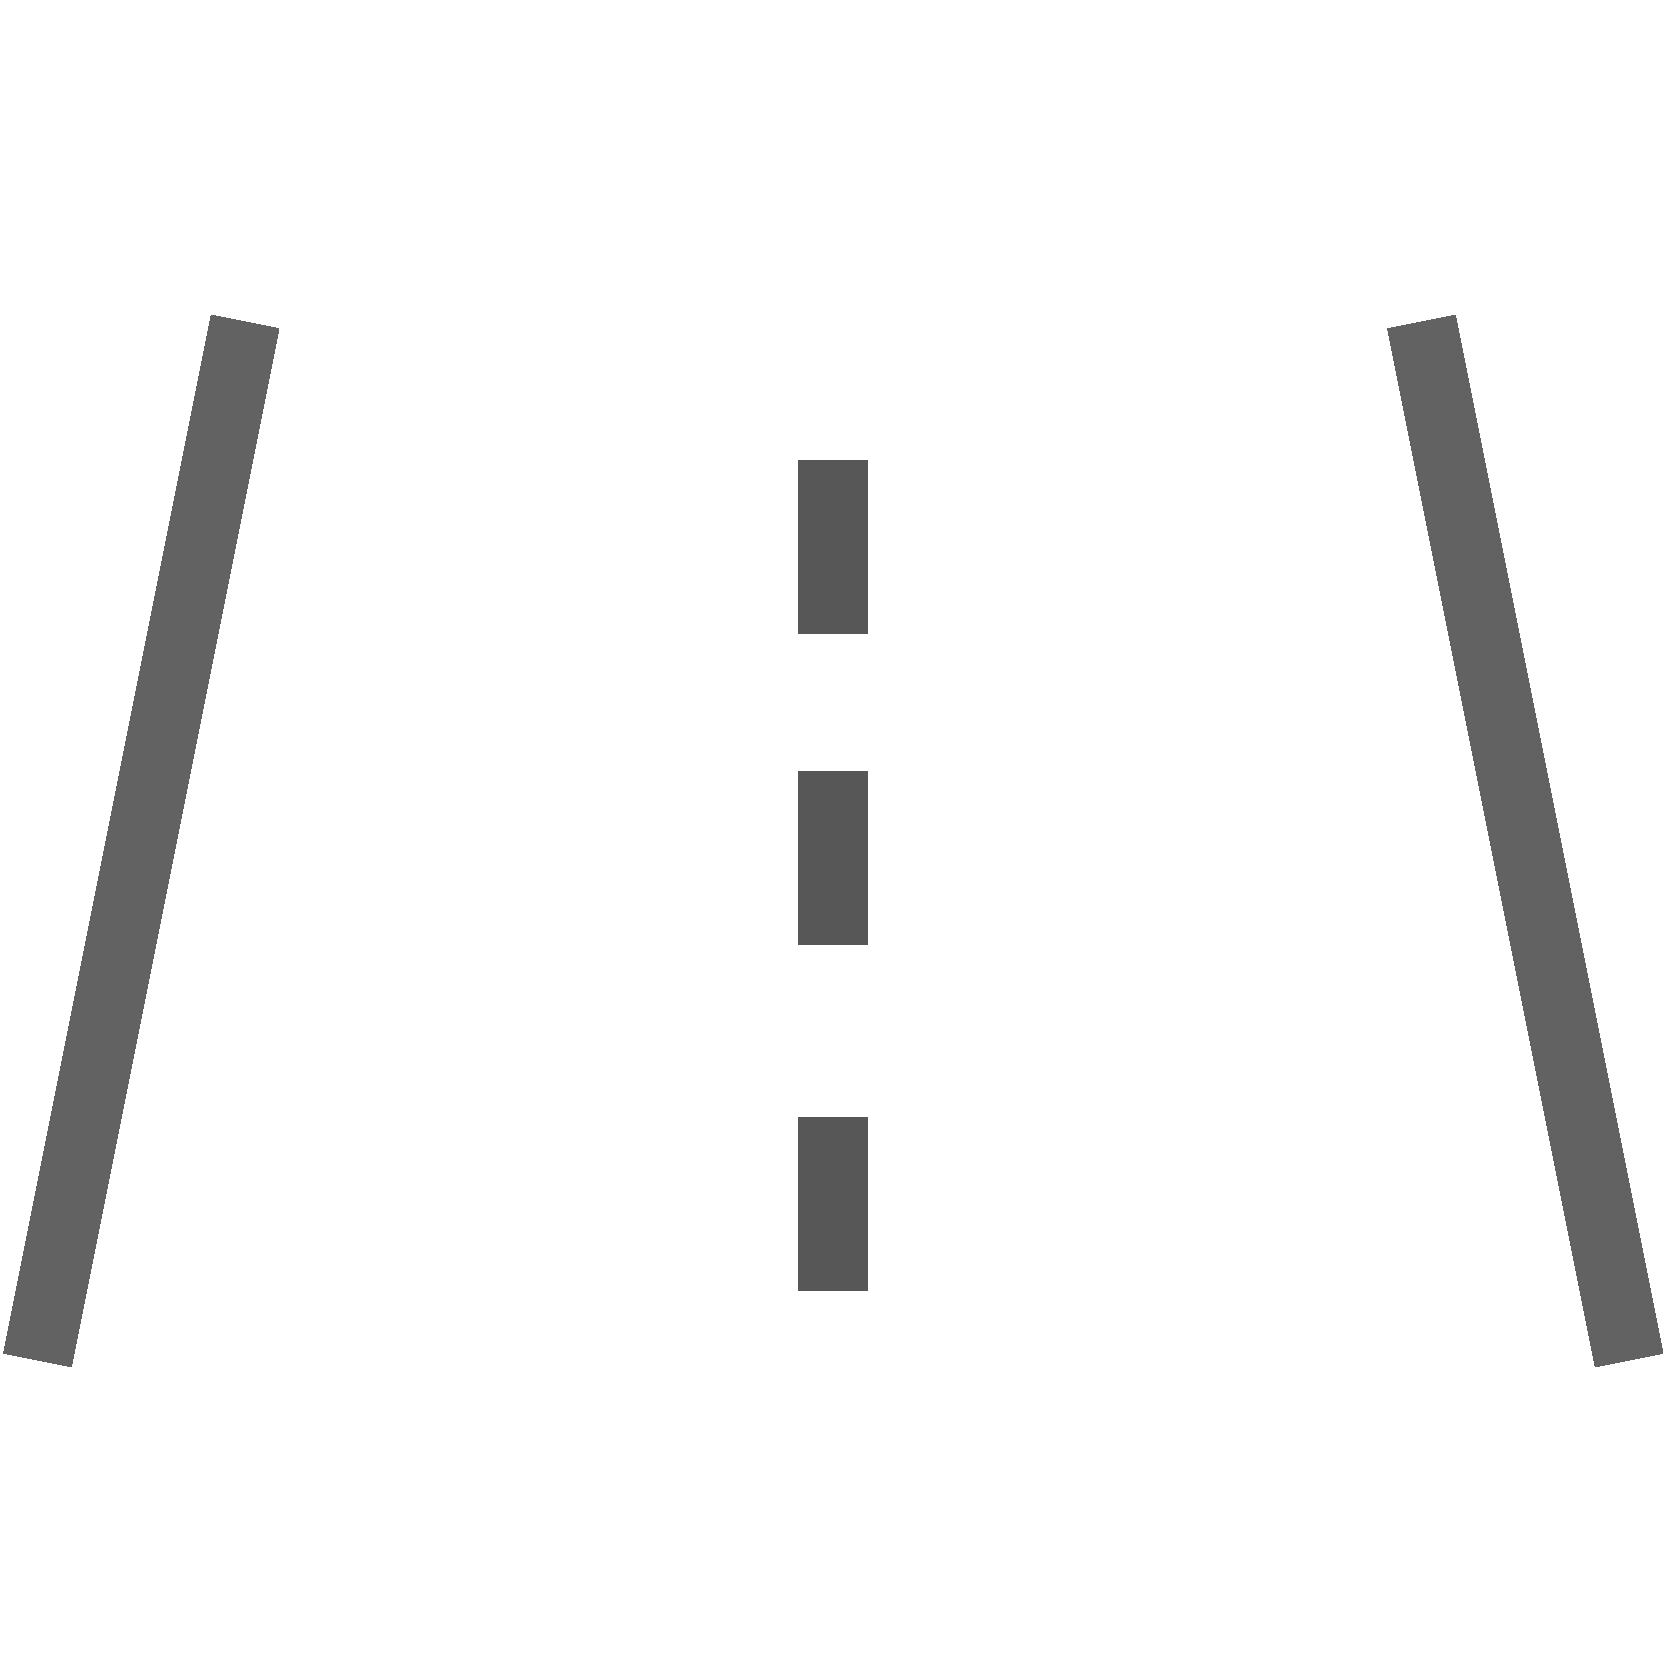 Illustrierte Straße von oben, Icon für Teerentfernung, Leistungen von AutOptik.